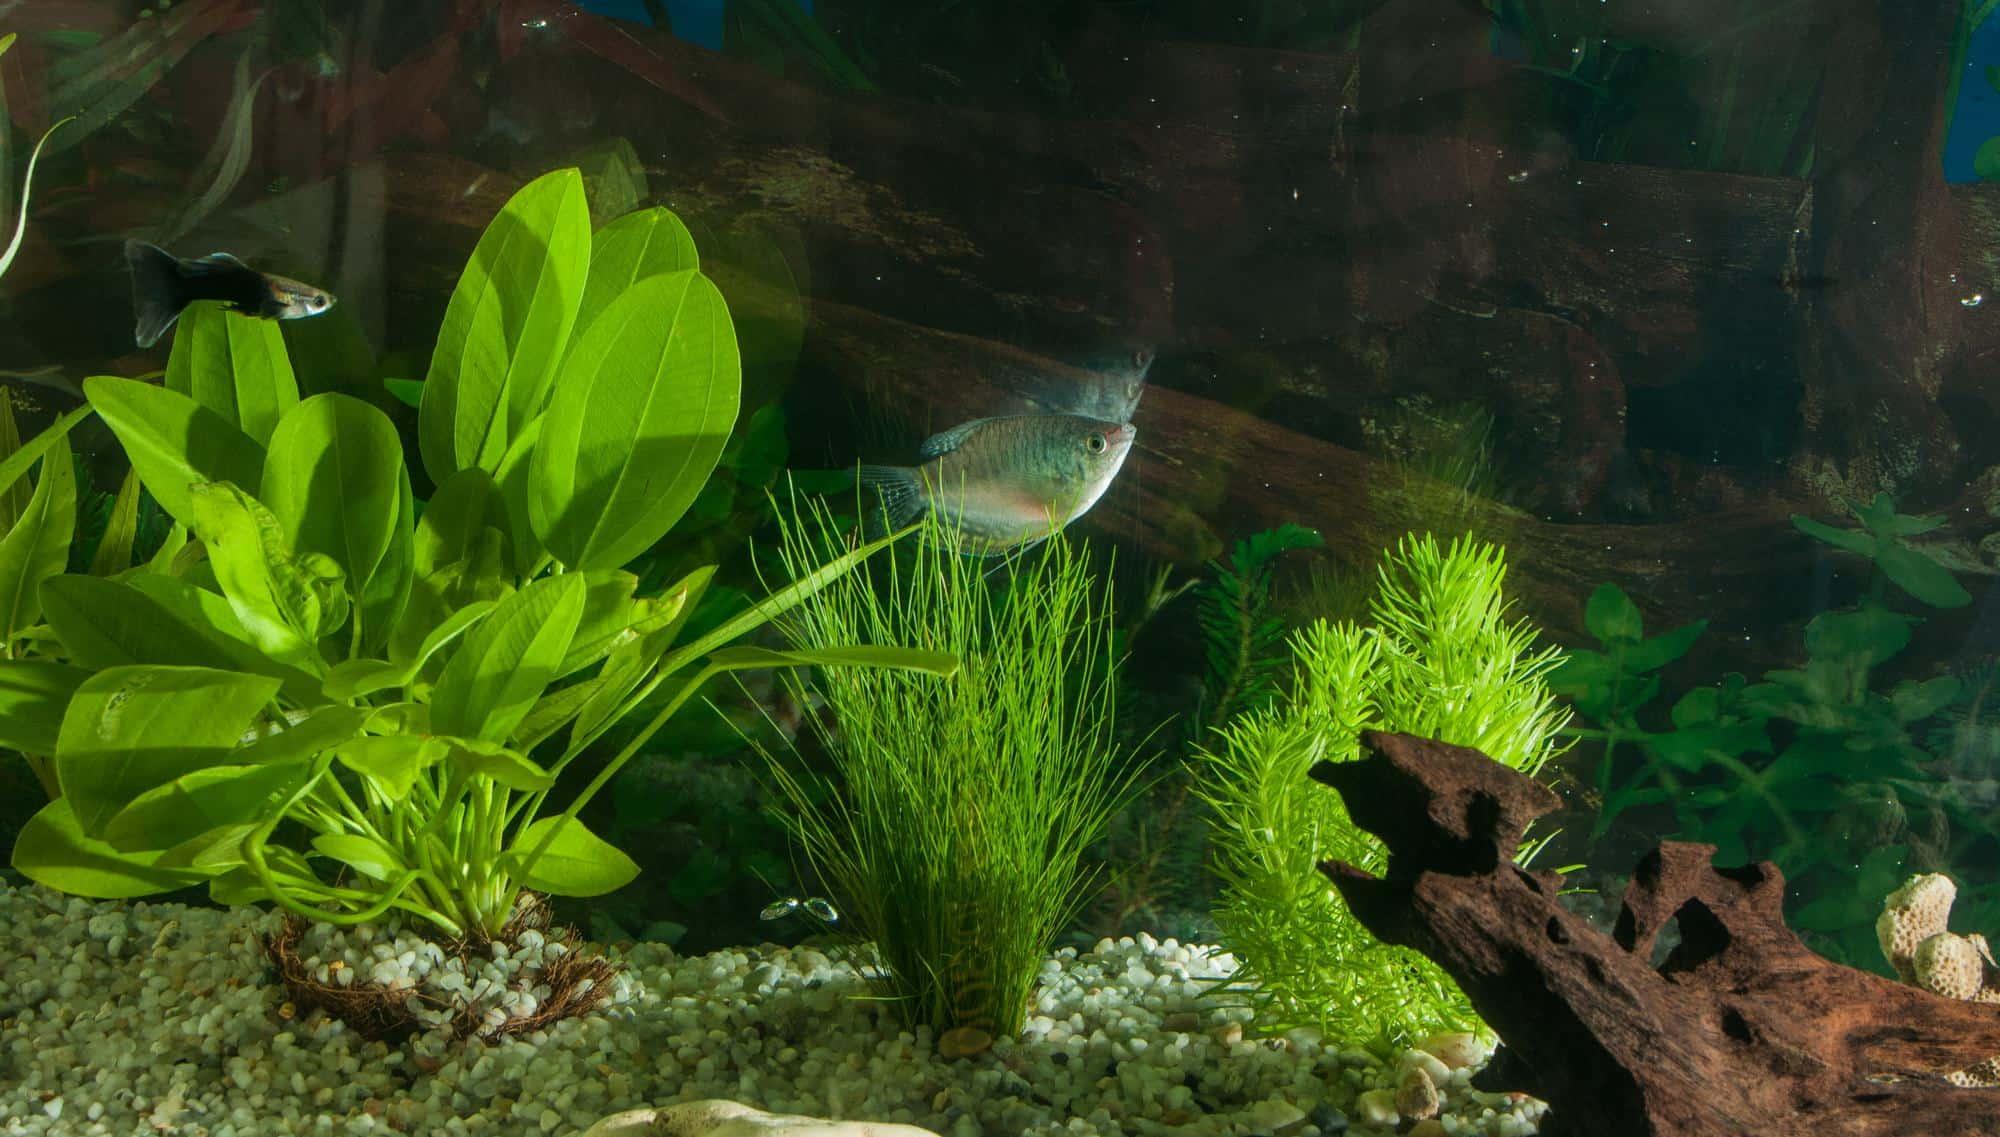 freshwater aquarium with fish